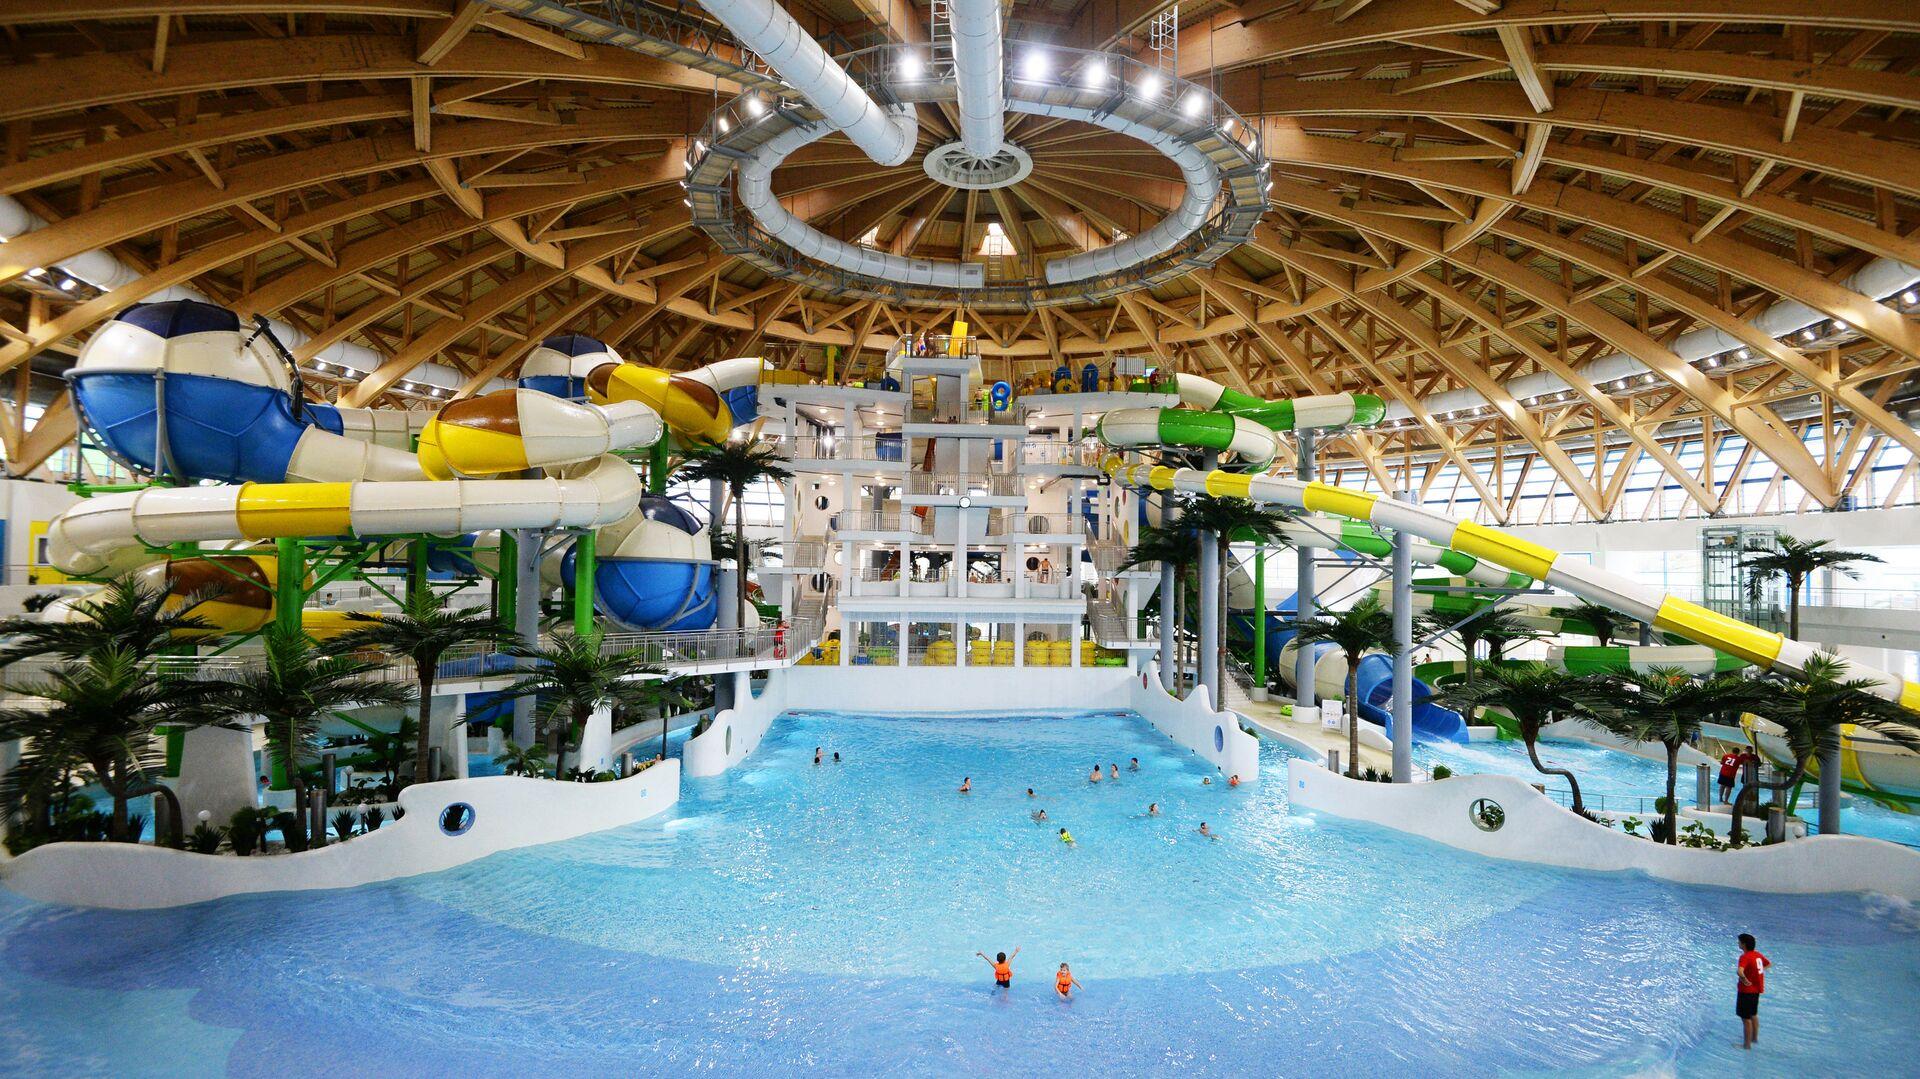 Крупнейший в России крытый аквапарк открылся в Новосибирске - РИА Новости, 1920, 27.09.2021